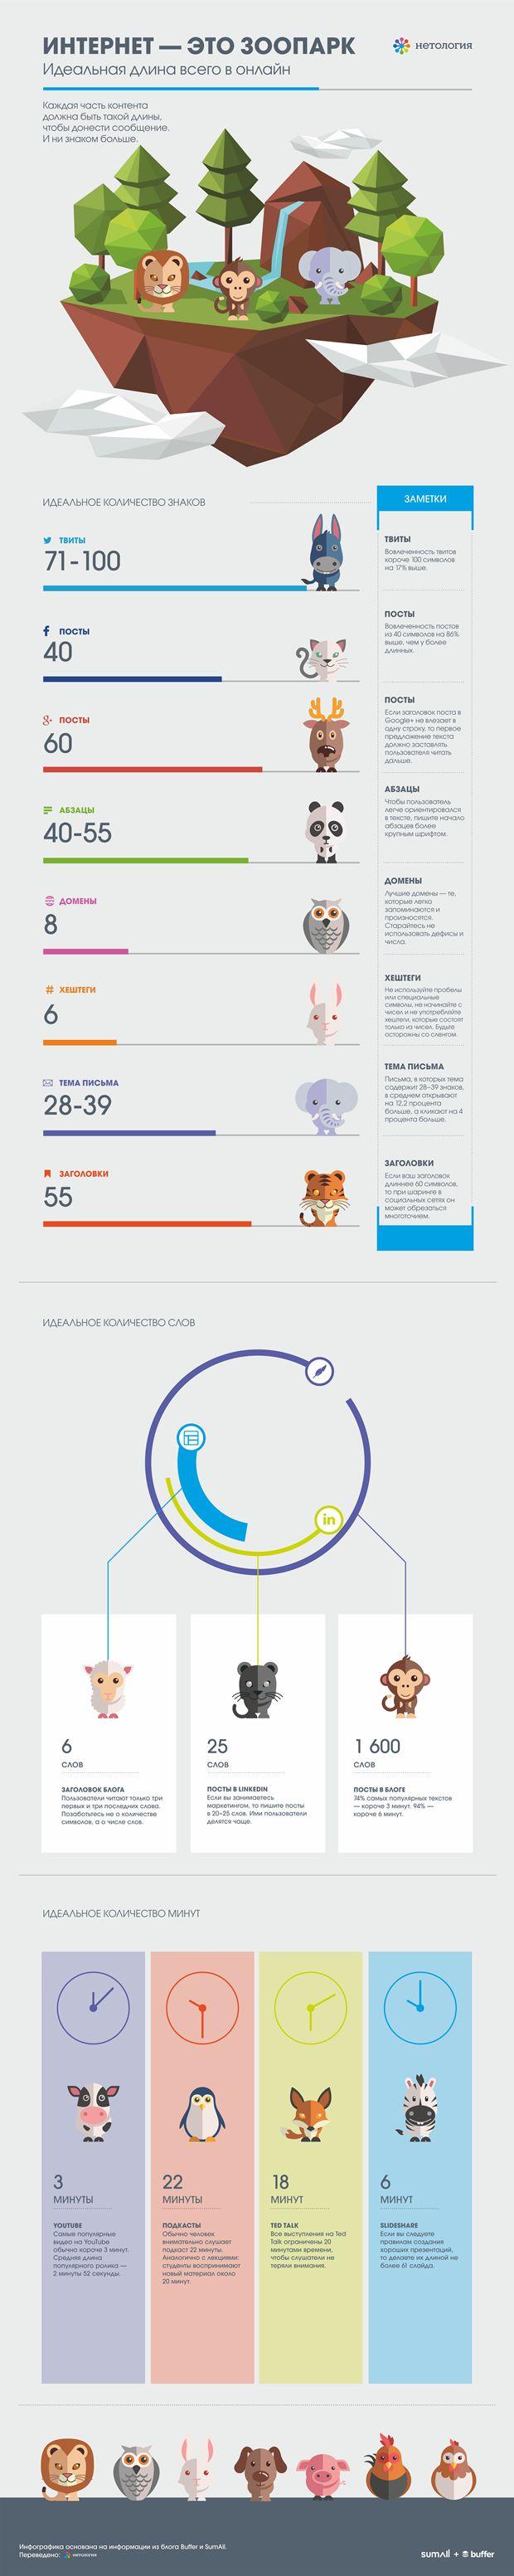 Оптимальная длина всего в Интернете #инфографика, #статистика